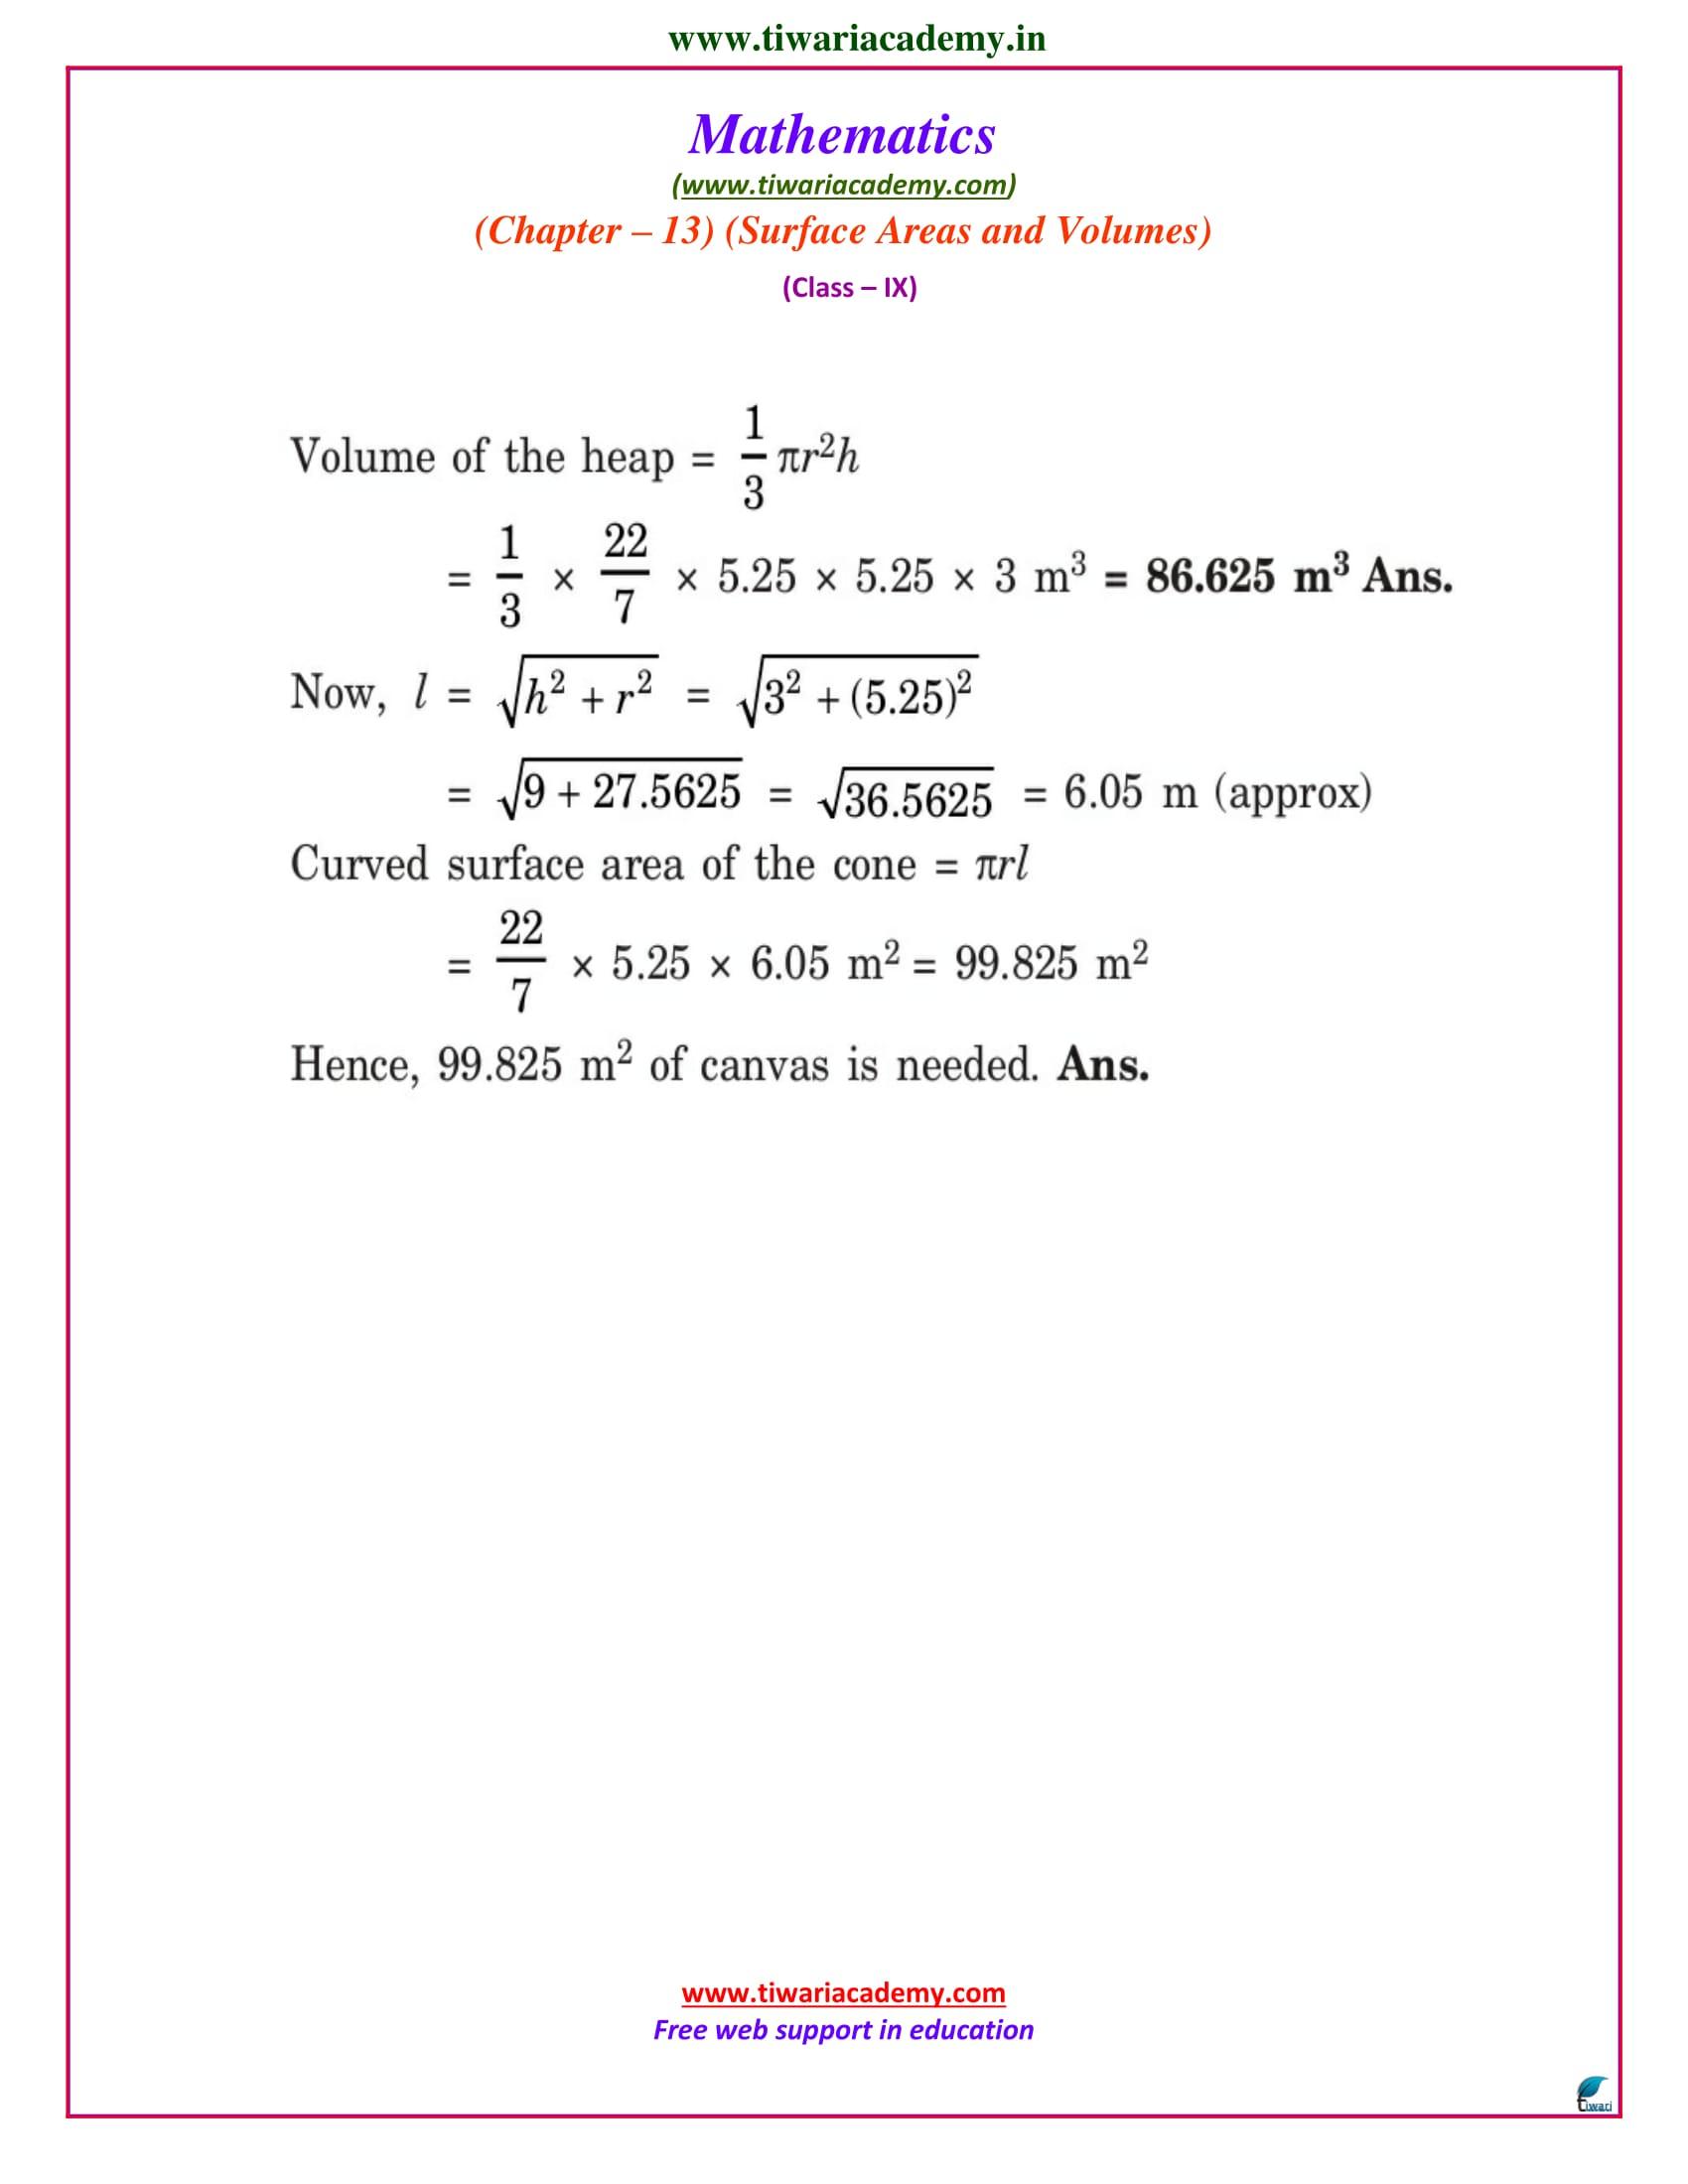 NCERT solutions class 9 maths exercise 13.7